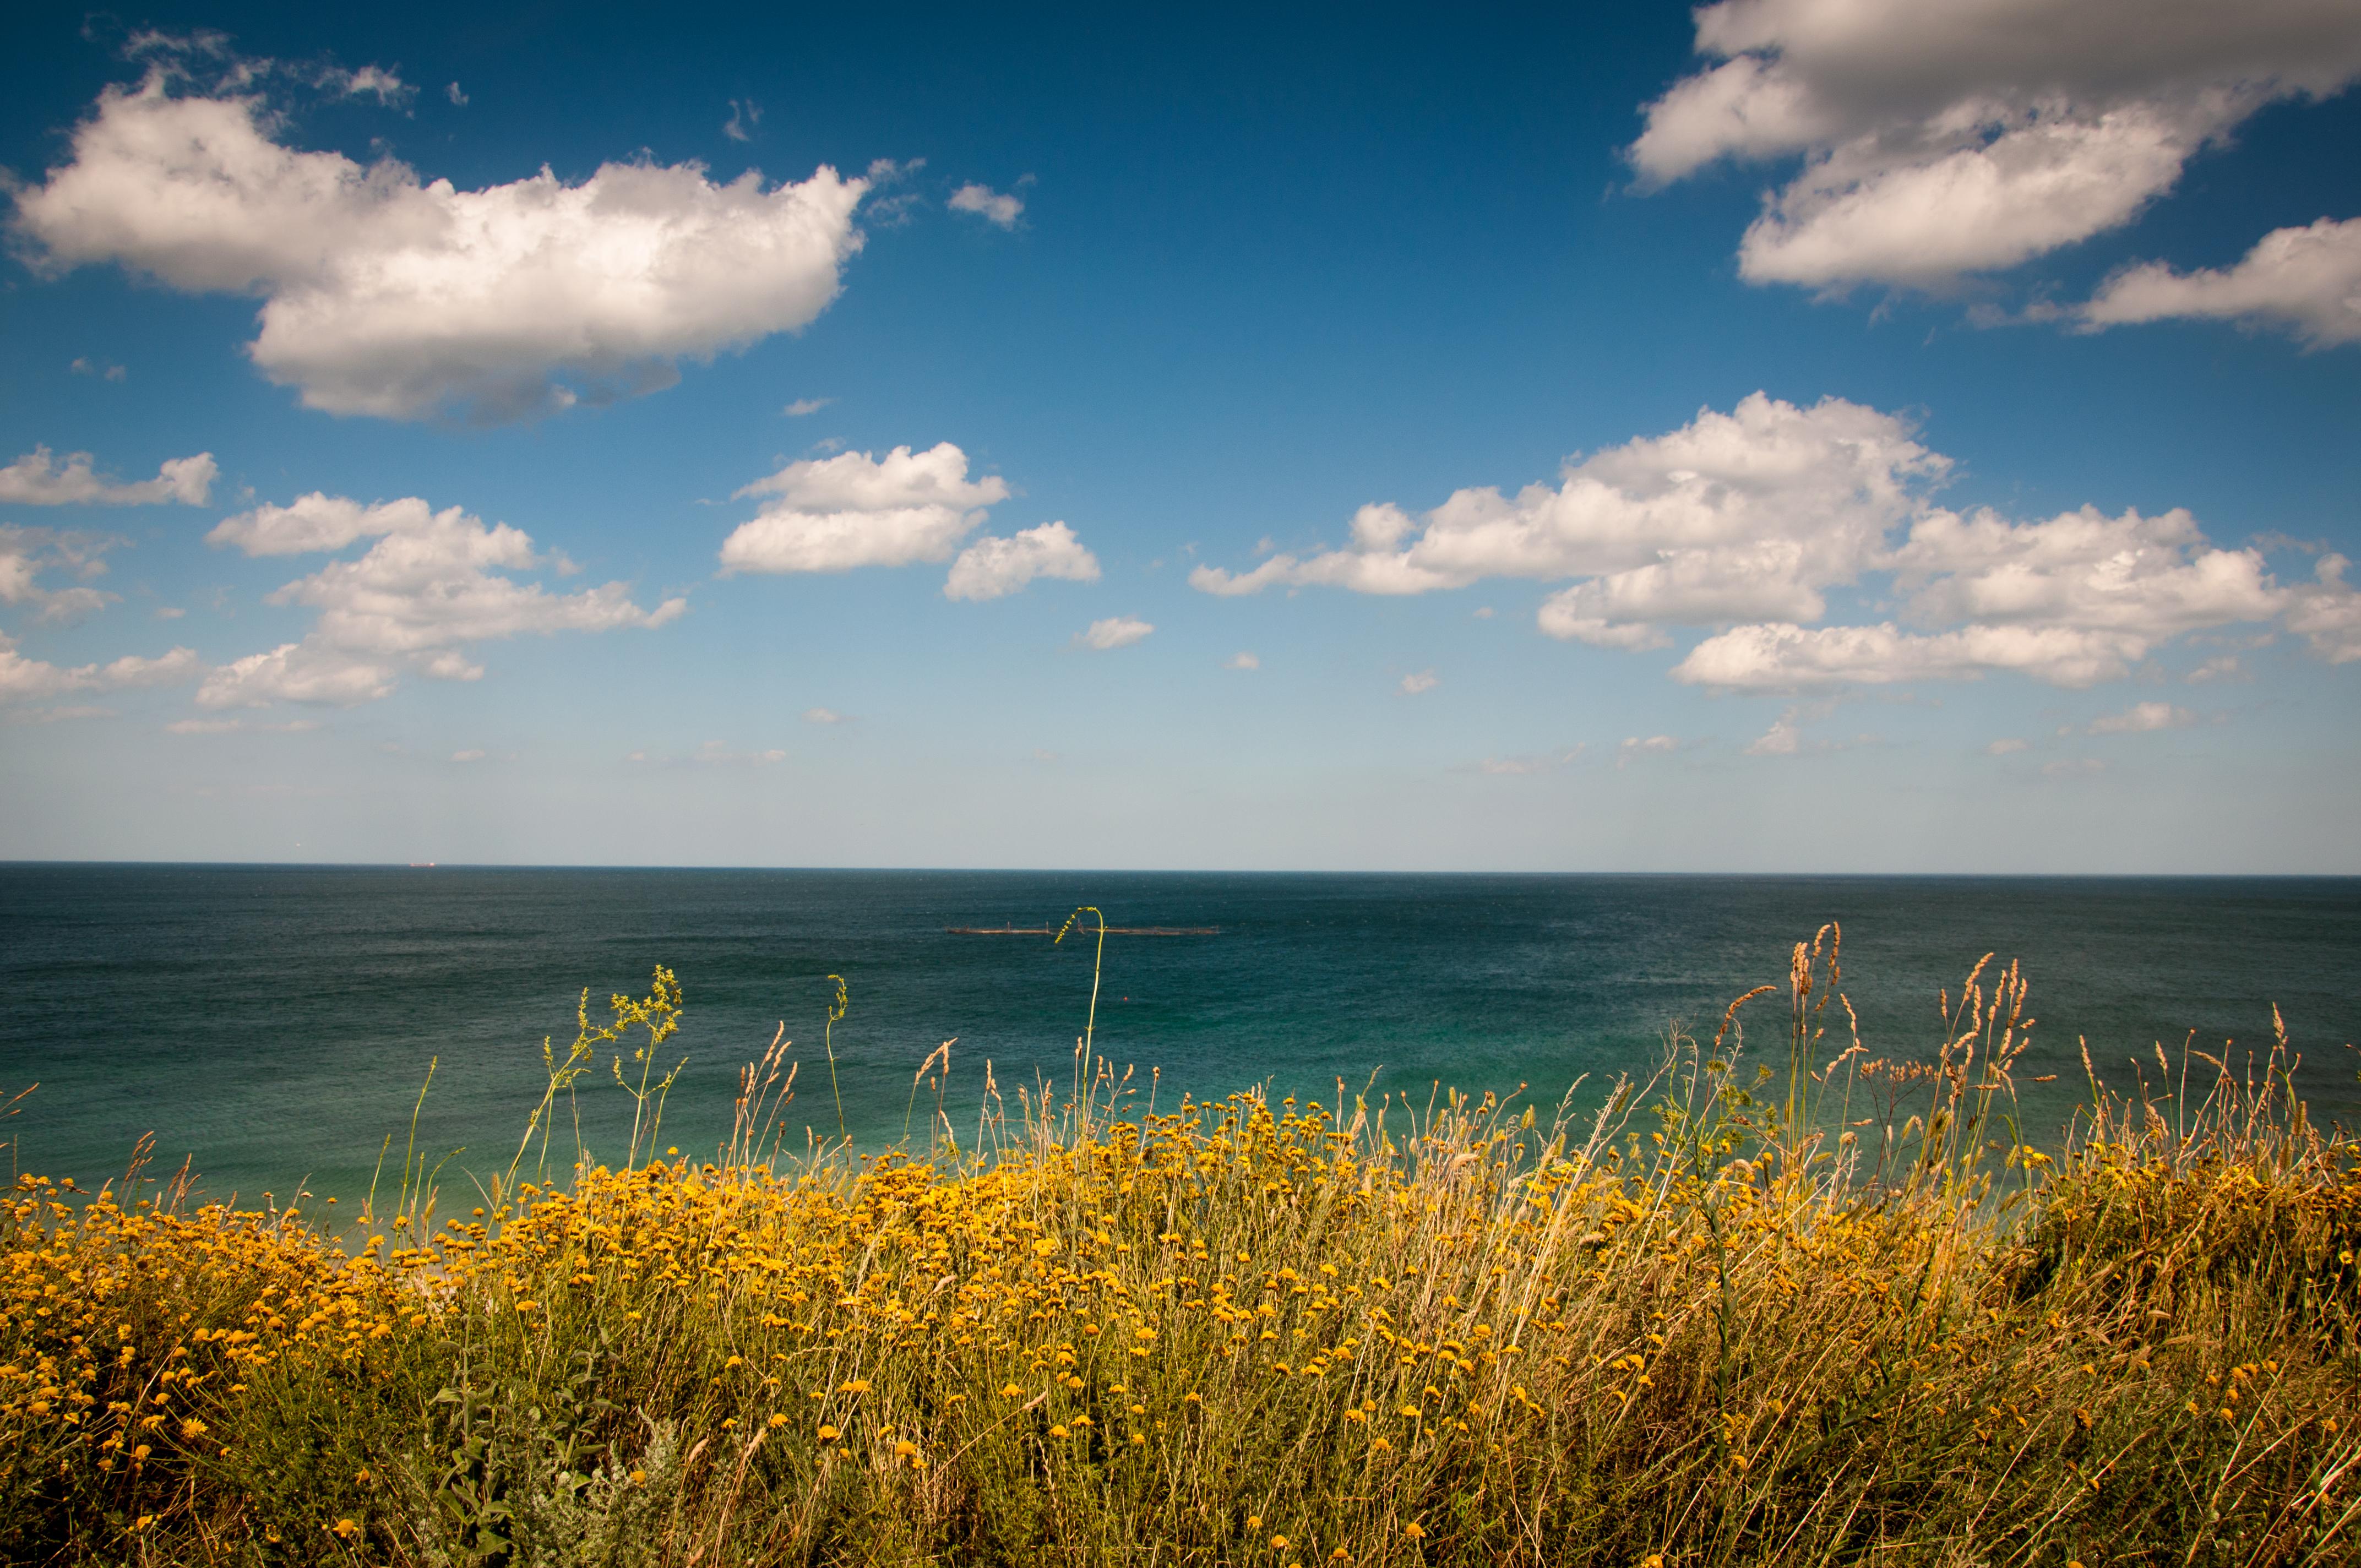 природа море берег небо горизонт  № 3776922 загрузить